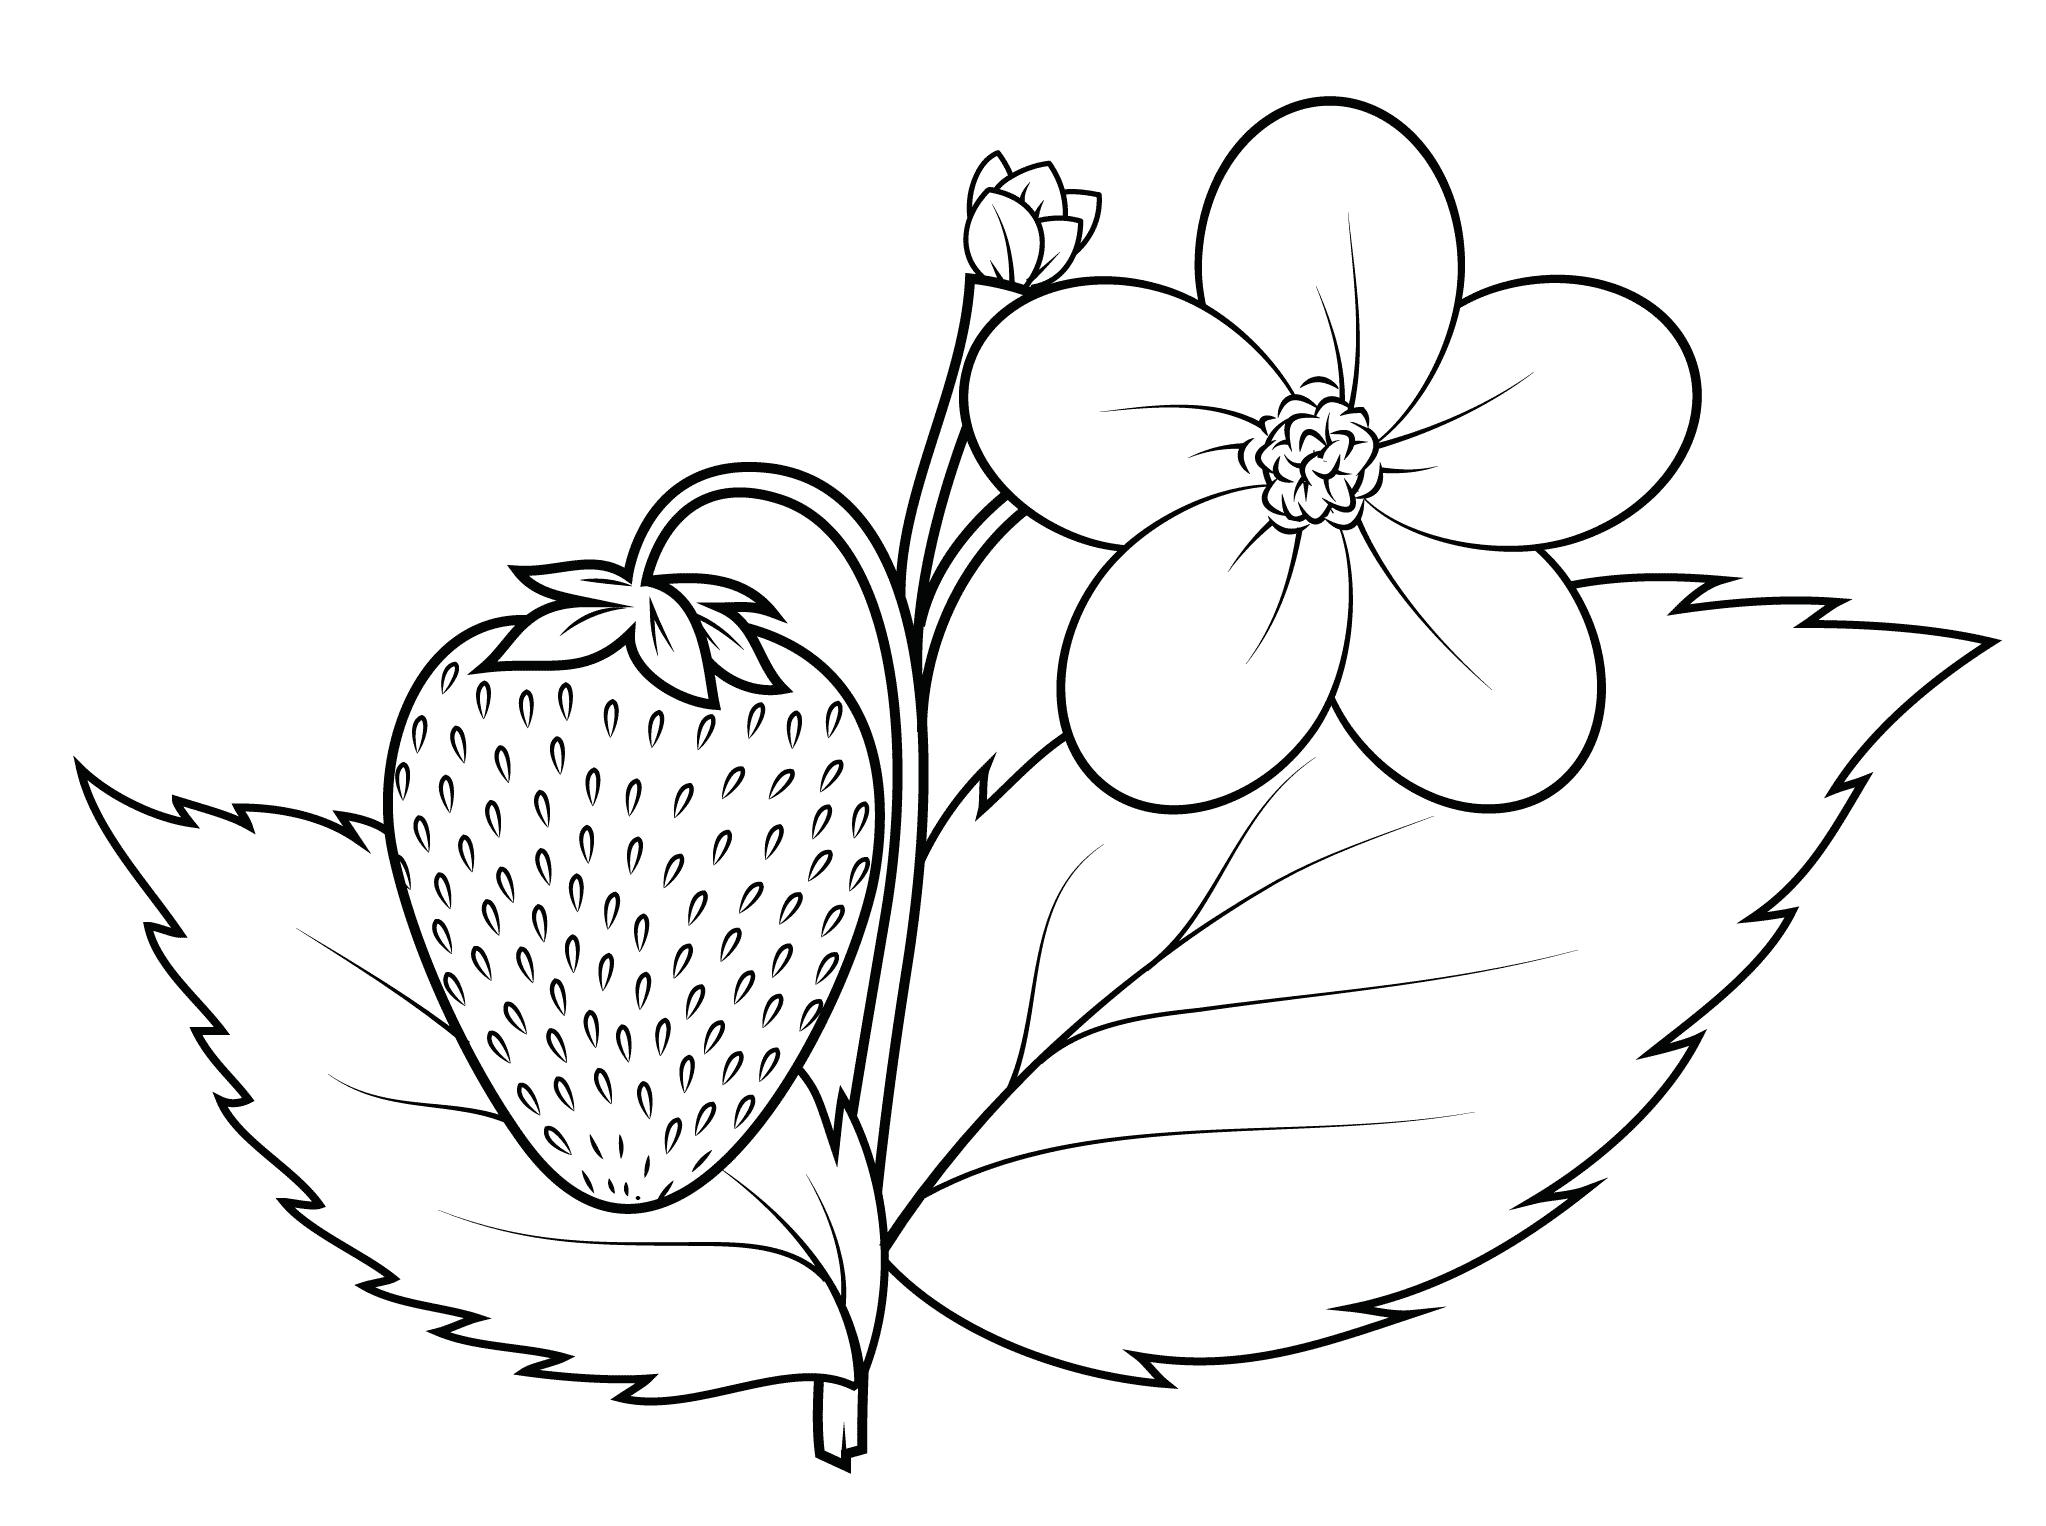 Tranh tô màu quả dâu tây và hoa